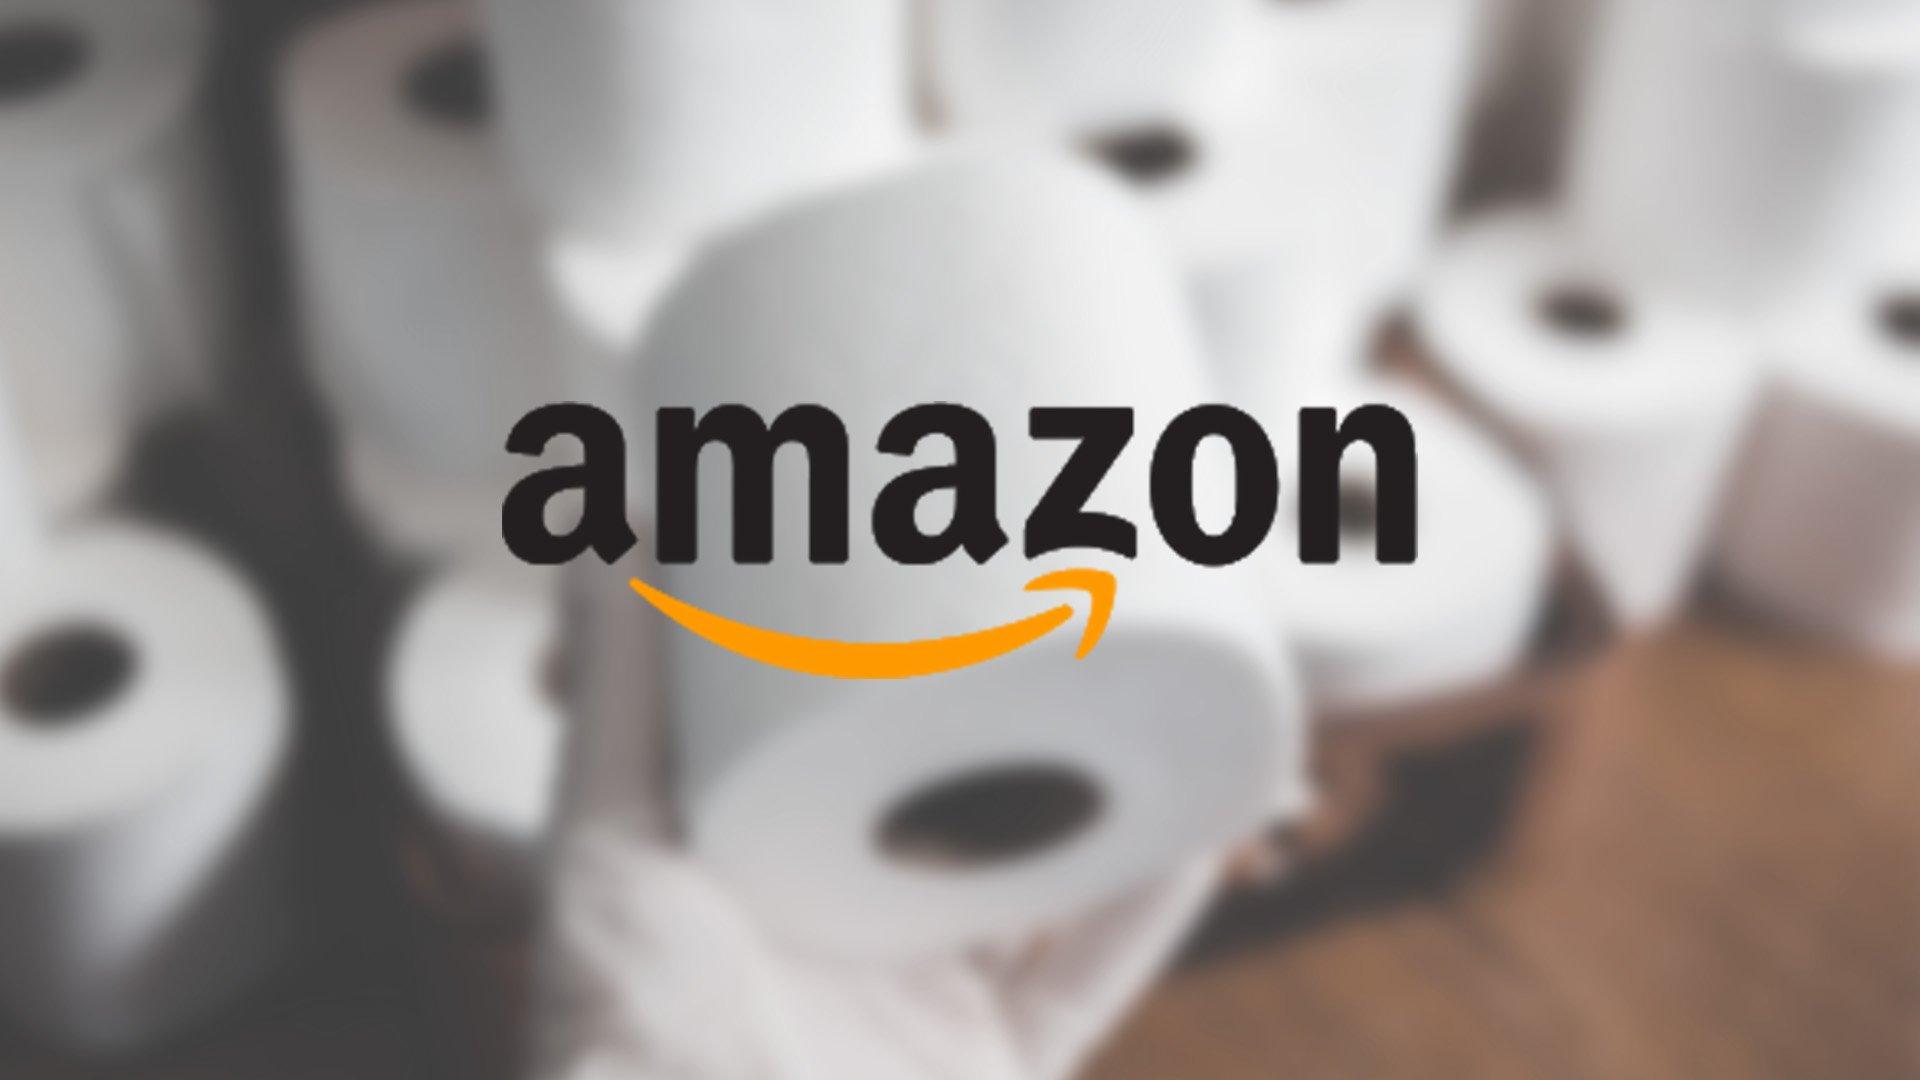 Amazon : des hausses de prix pendant la pandémie pointées du doigt